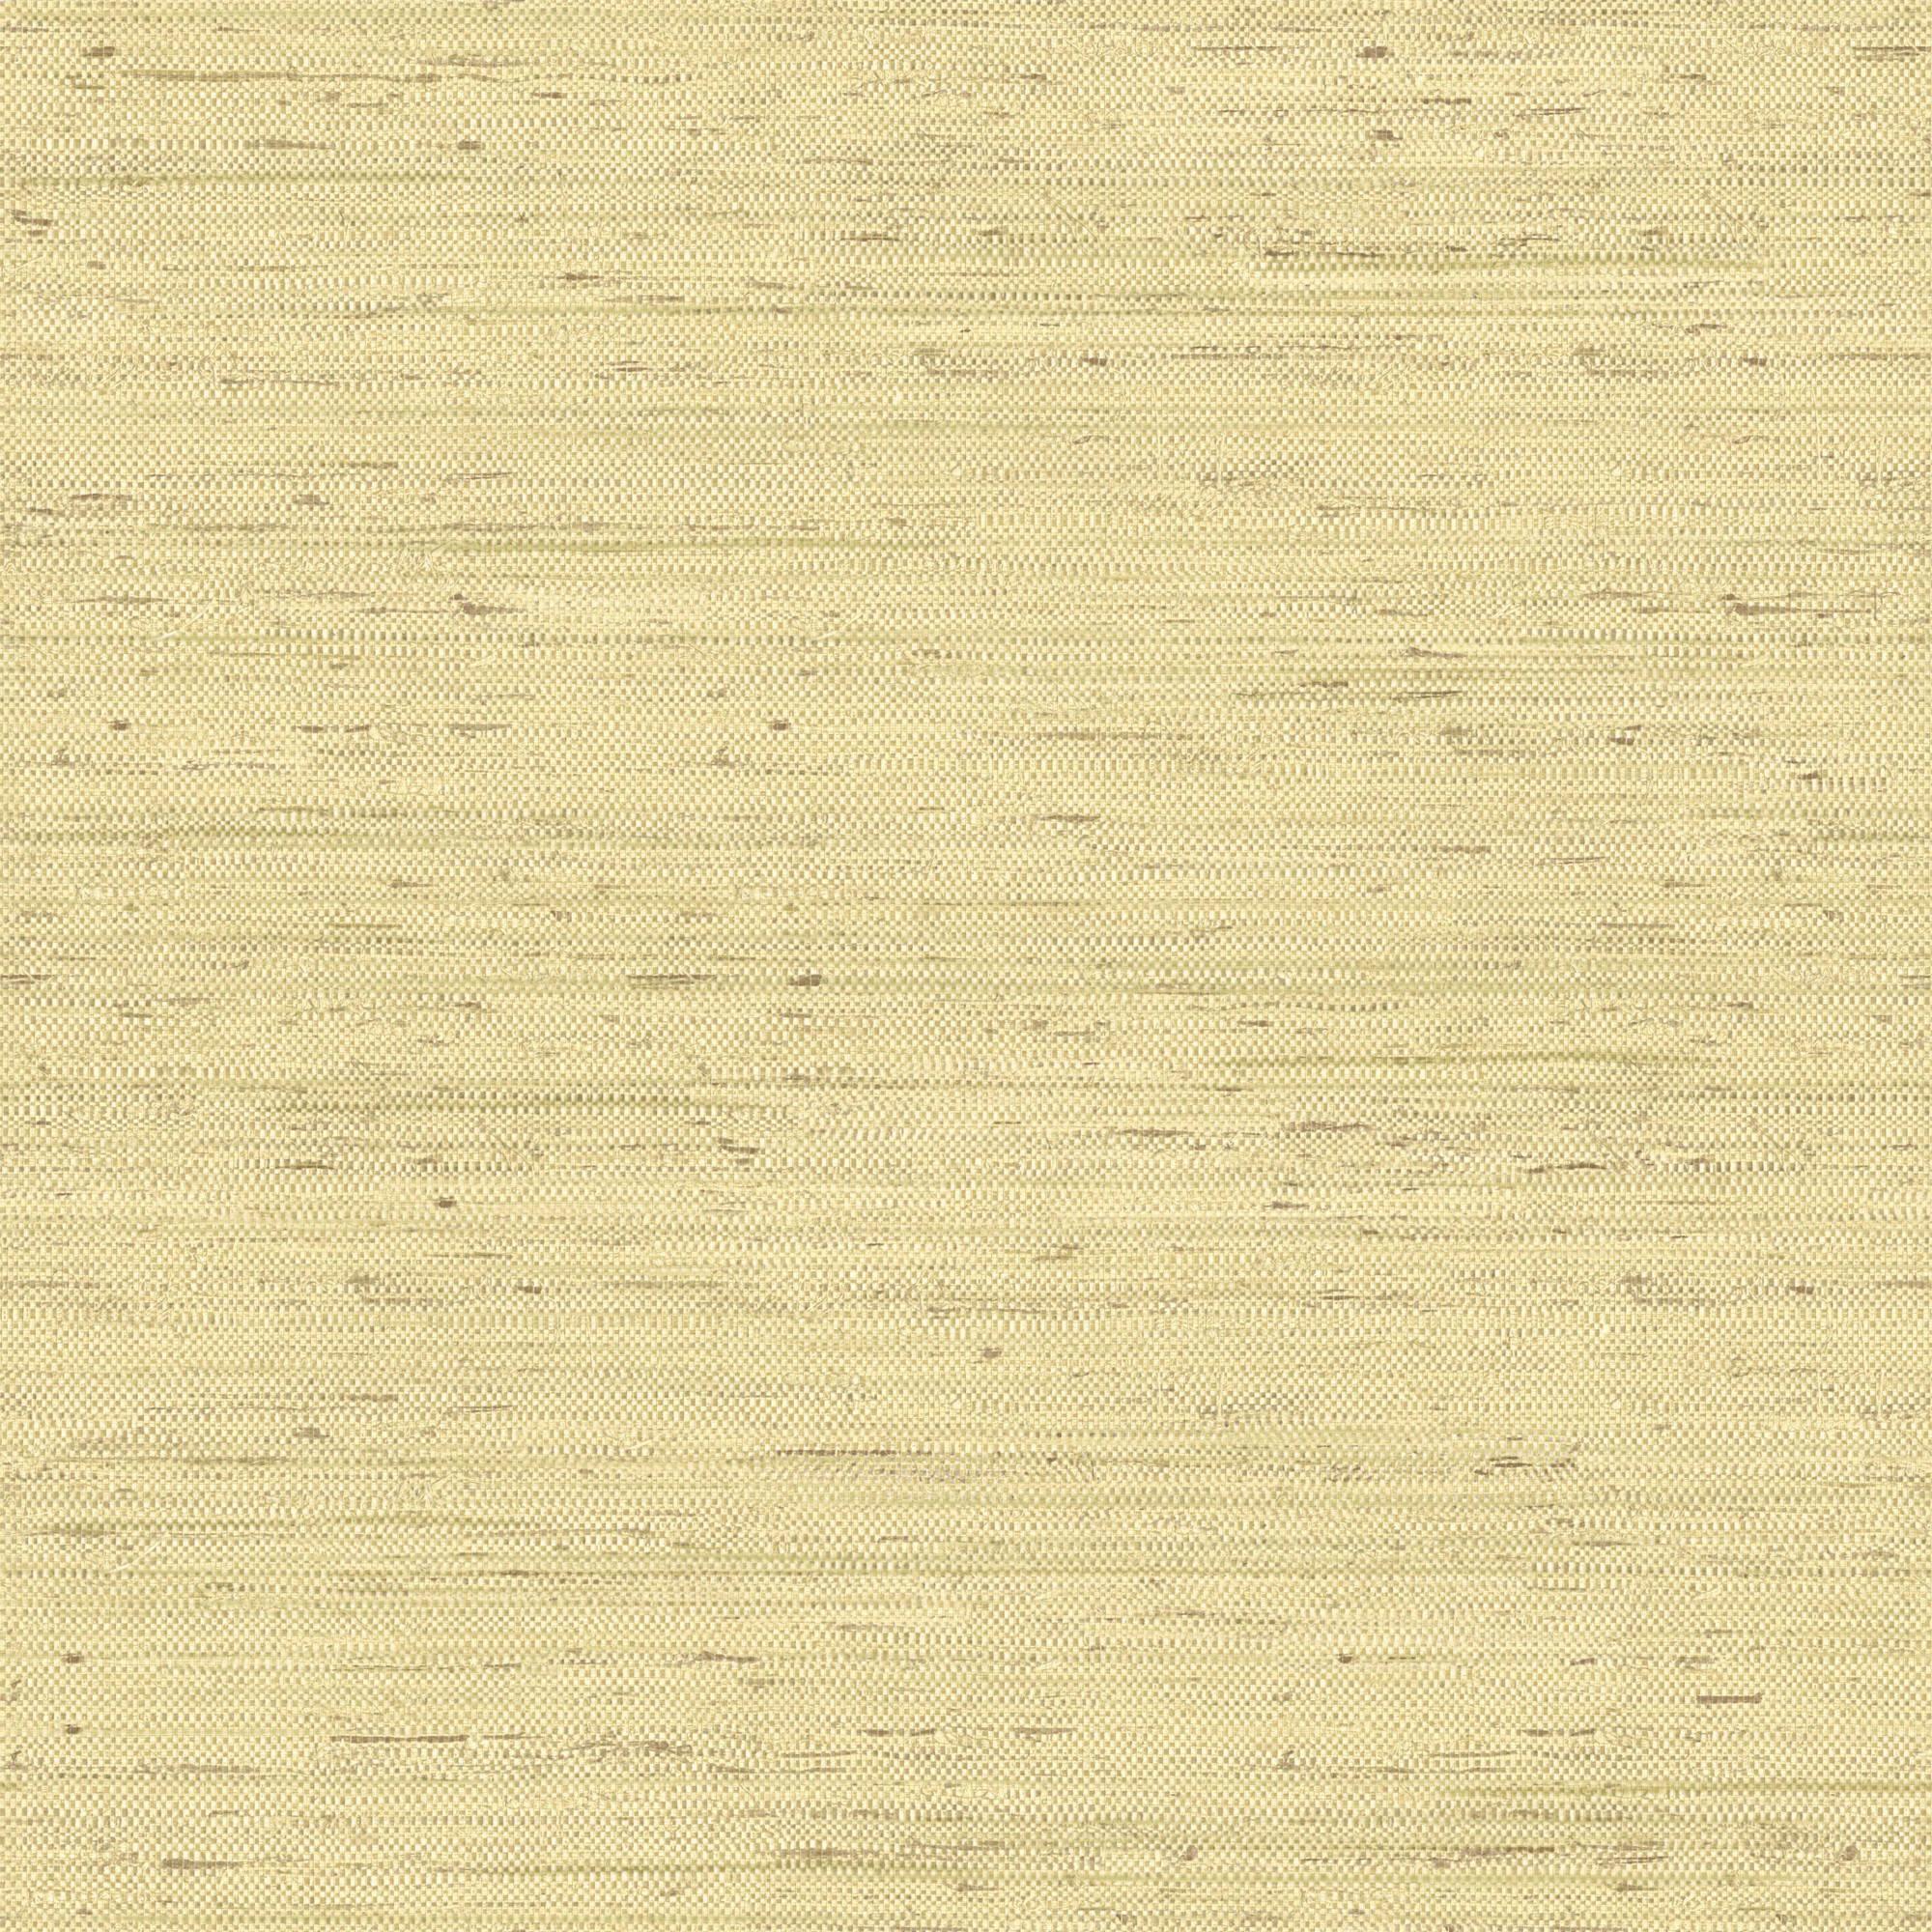 Natural Elements Grasscloth Wallpaper